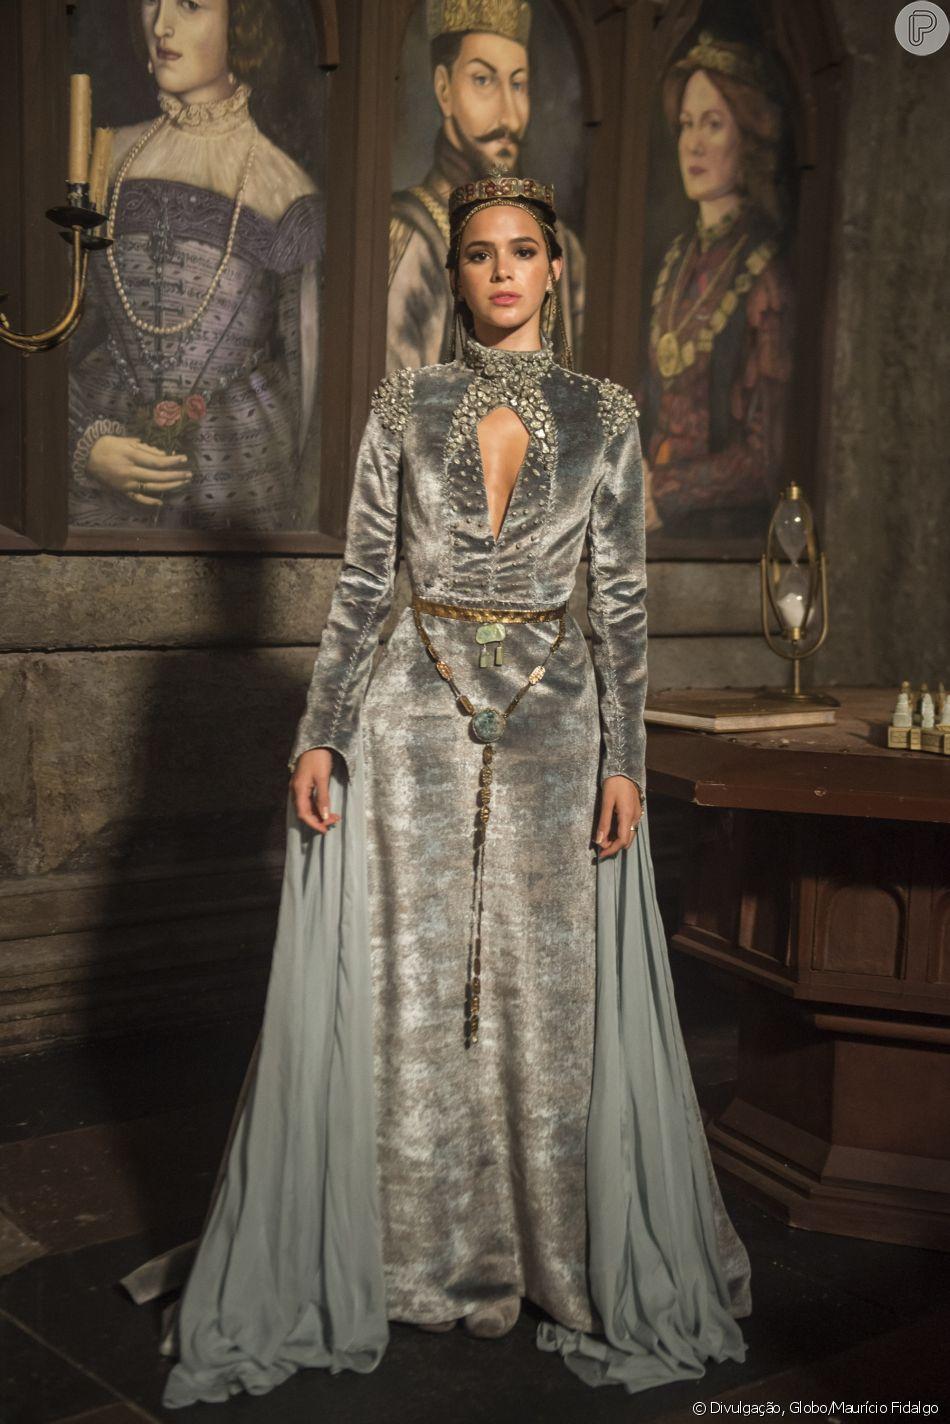 'Todo o figurino dela fica mais pesado. Não veremos mais os vestidos de seda. No lugar deles, teremos vestidos de veludo para ela usar no castelo', detalha Mariana Sued